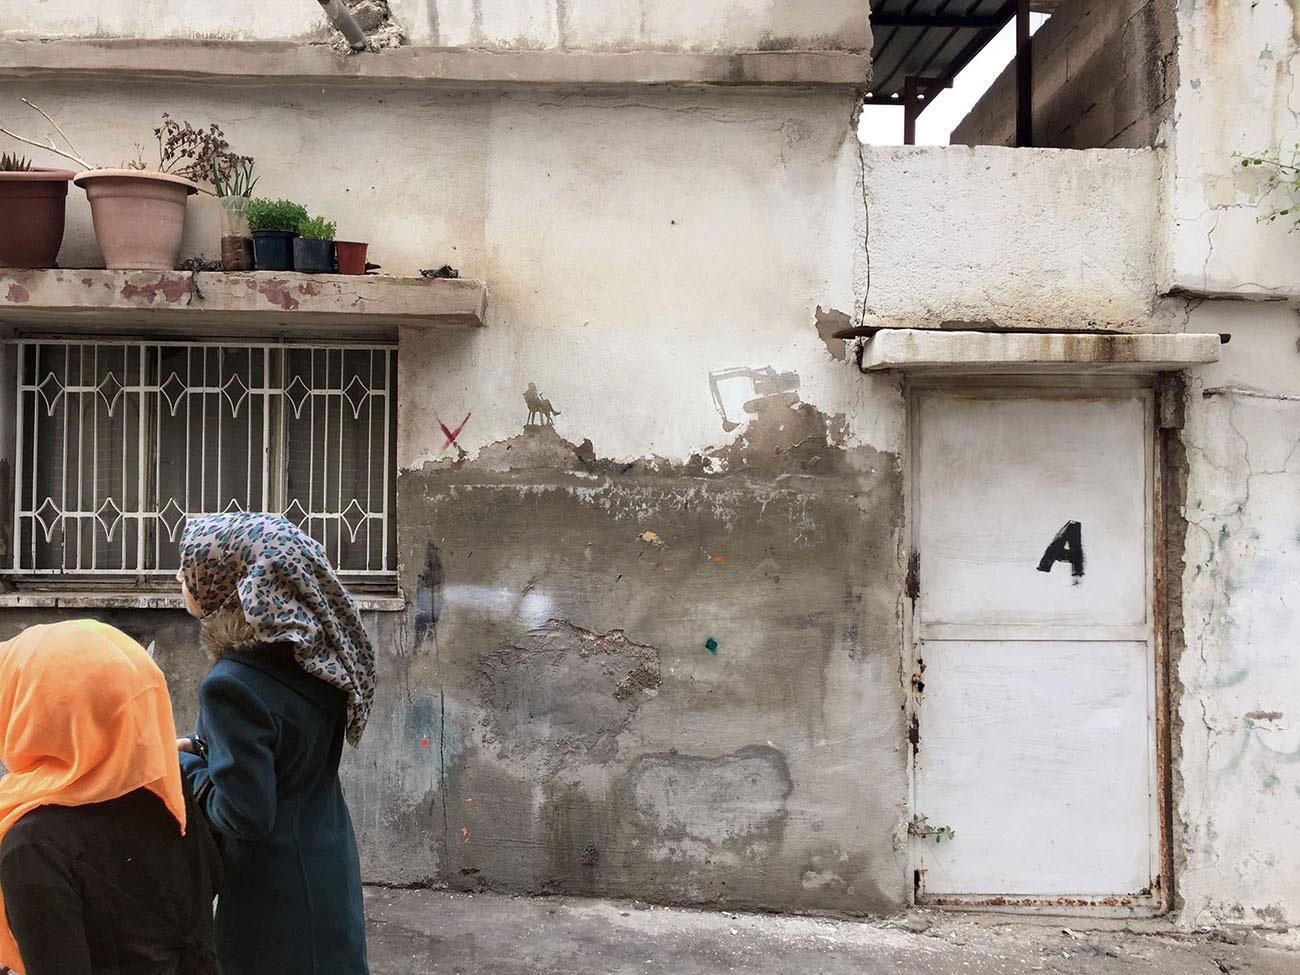 Bröckelnde Fassaden in Palästina